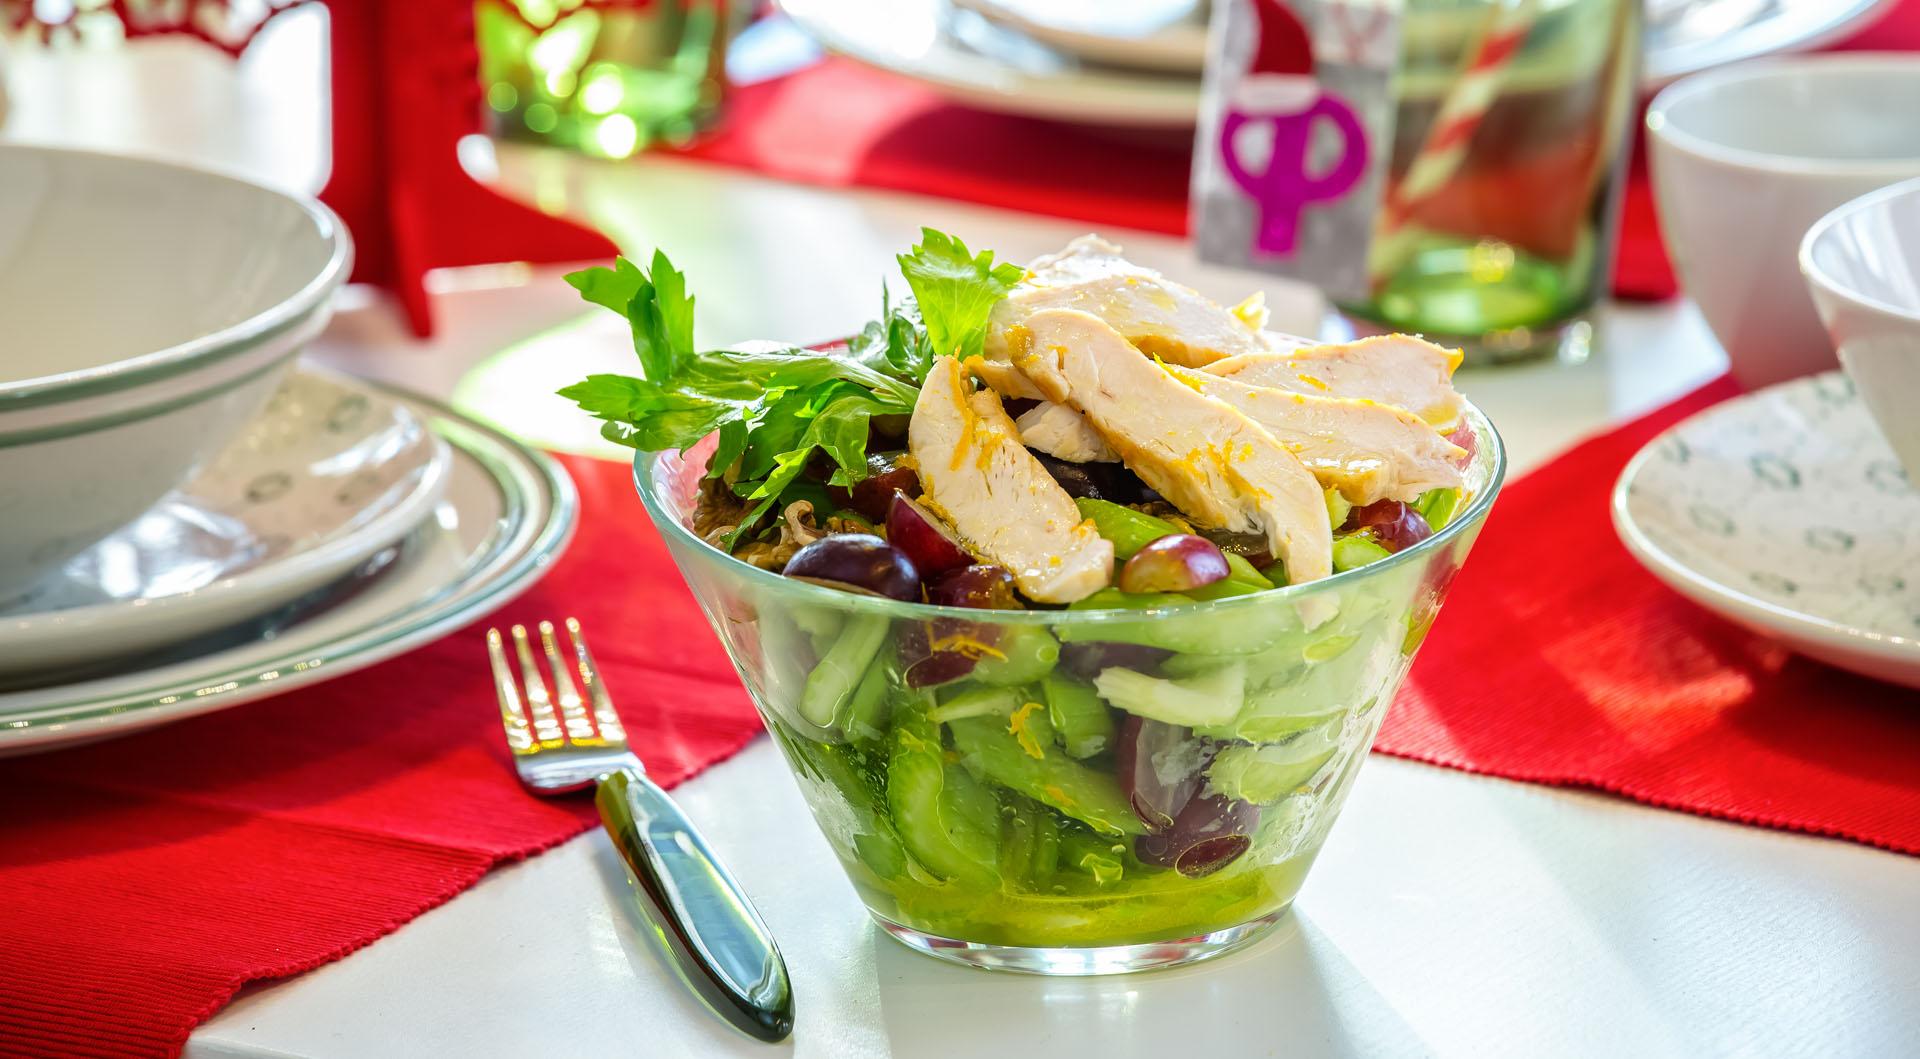 салаты правильного питания с калорийностью